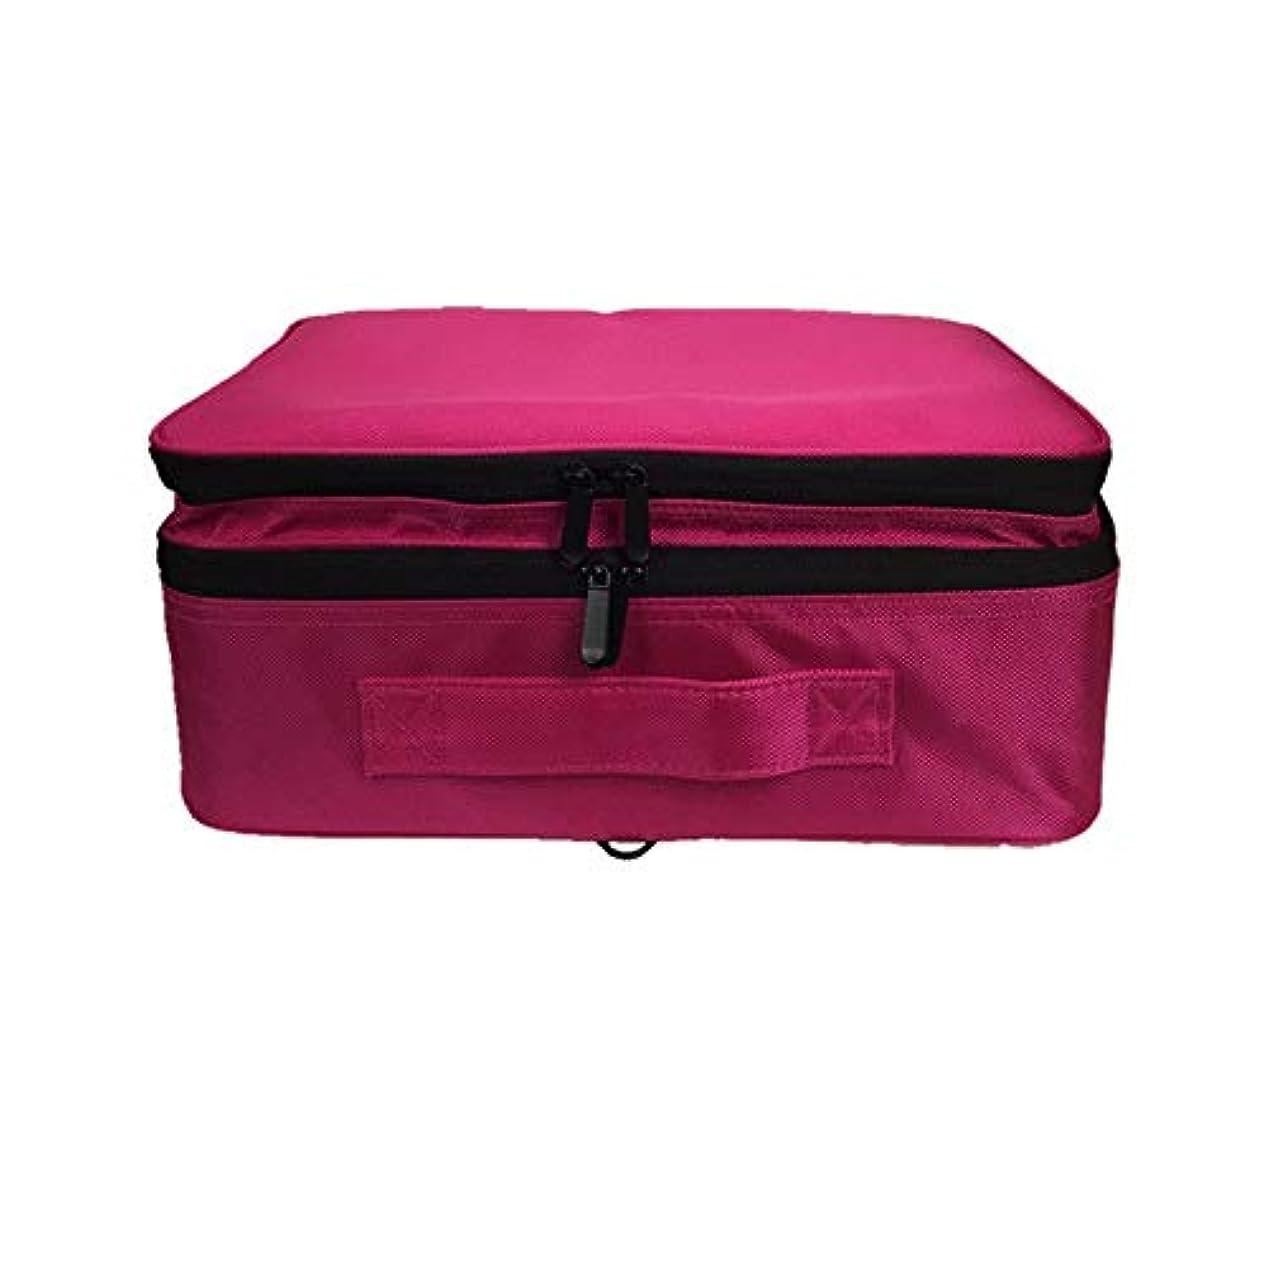 ボルトナイトスポット格納化粧オーガナイザーバッグ 調整可能な仕切り付き防水メイクアップバッグ旅行化粧ケースブラシホルダー 化粧品ケース (色 : 赤)